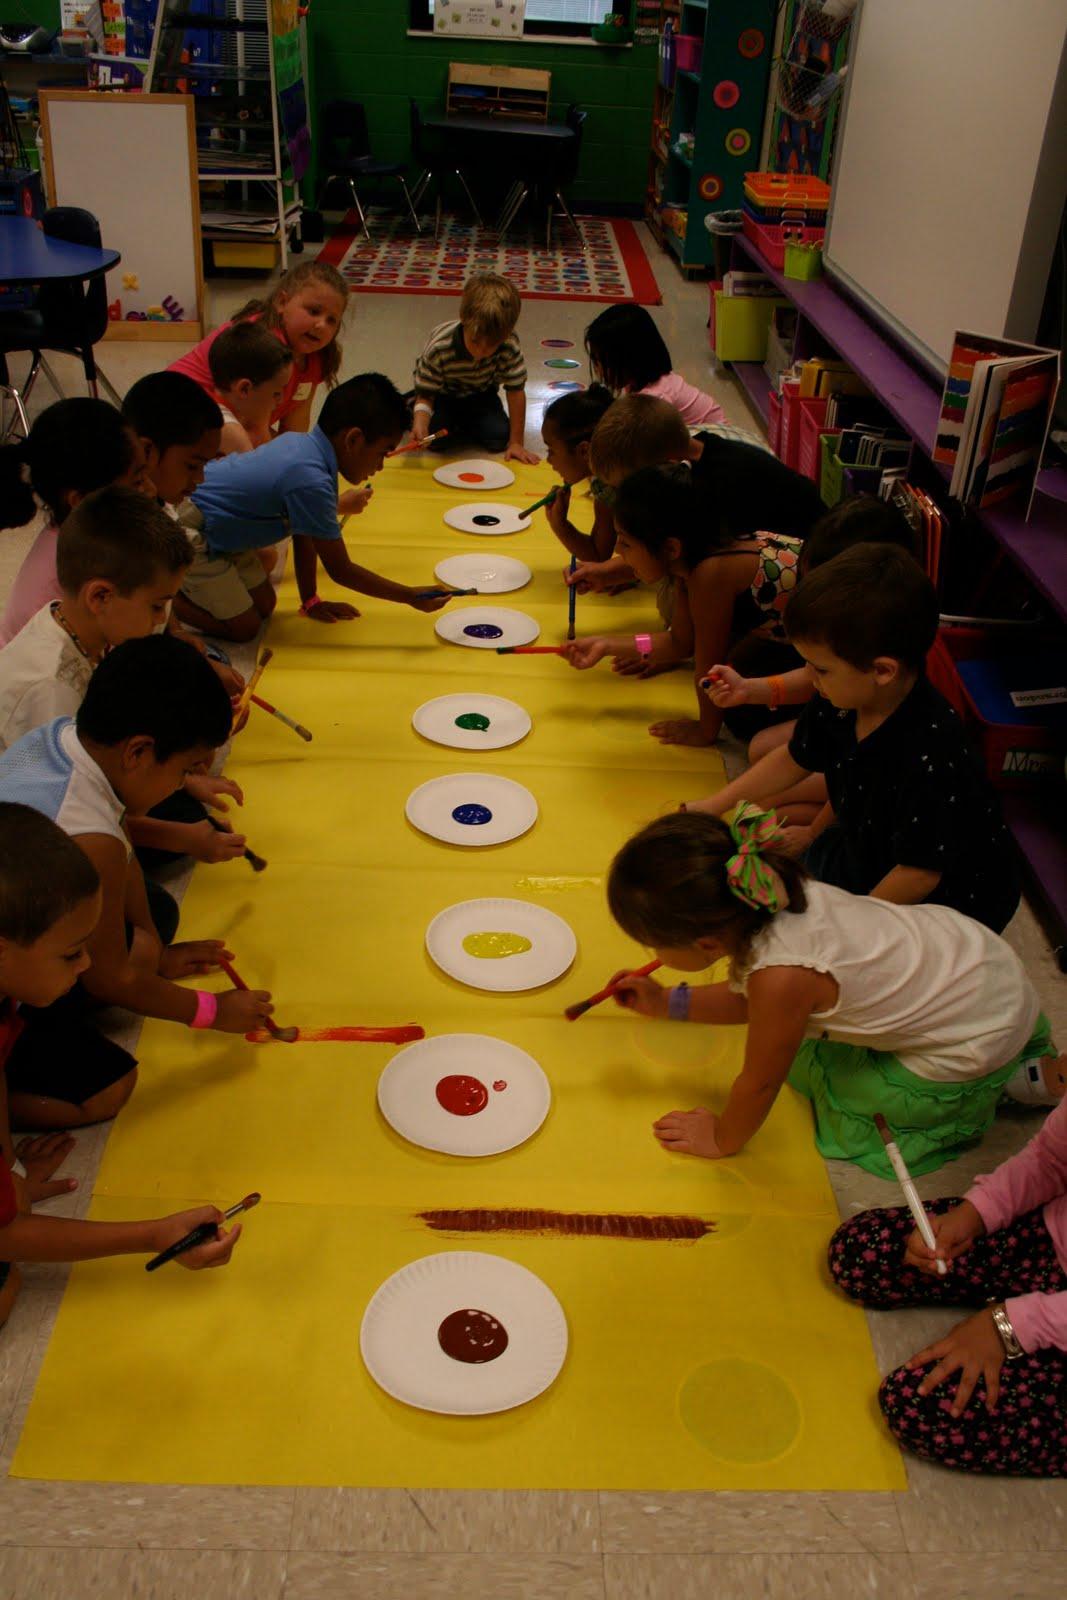 Kinder Garden: Mrs. Lee's Kindergarten: Brown Bear, Brown Bear Activities